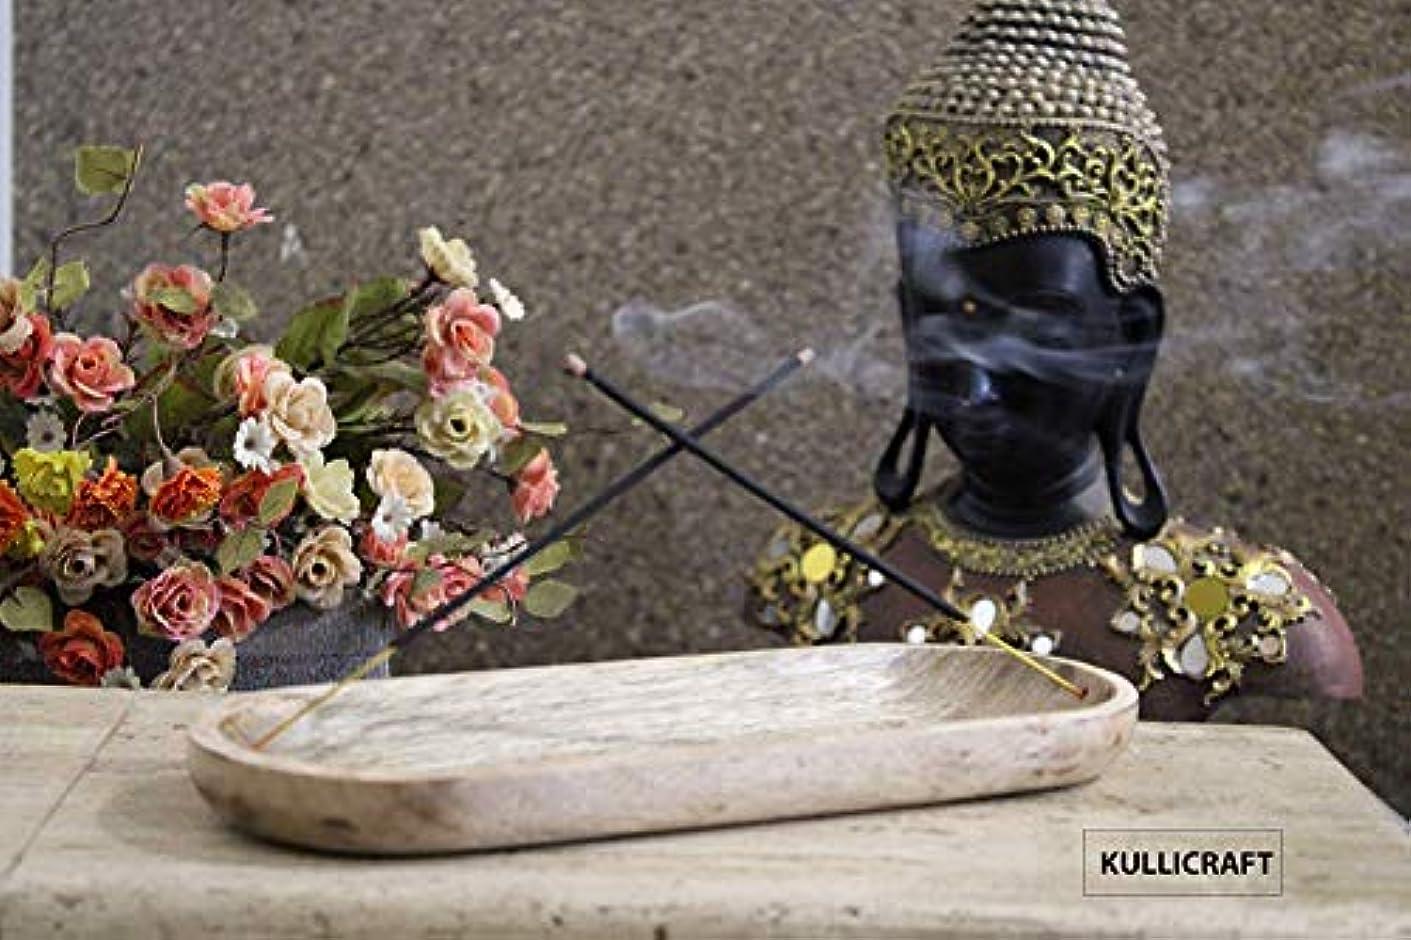 羊飼い加入水陸両用Kullicraft Handcrafted Marble Soapstone Agarbaati Stands Incense Holder (Free 6 Incense Sticks Rose Fragnance)...